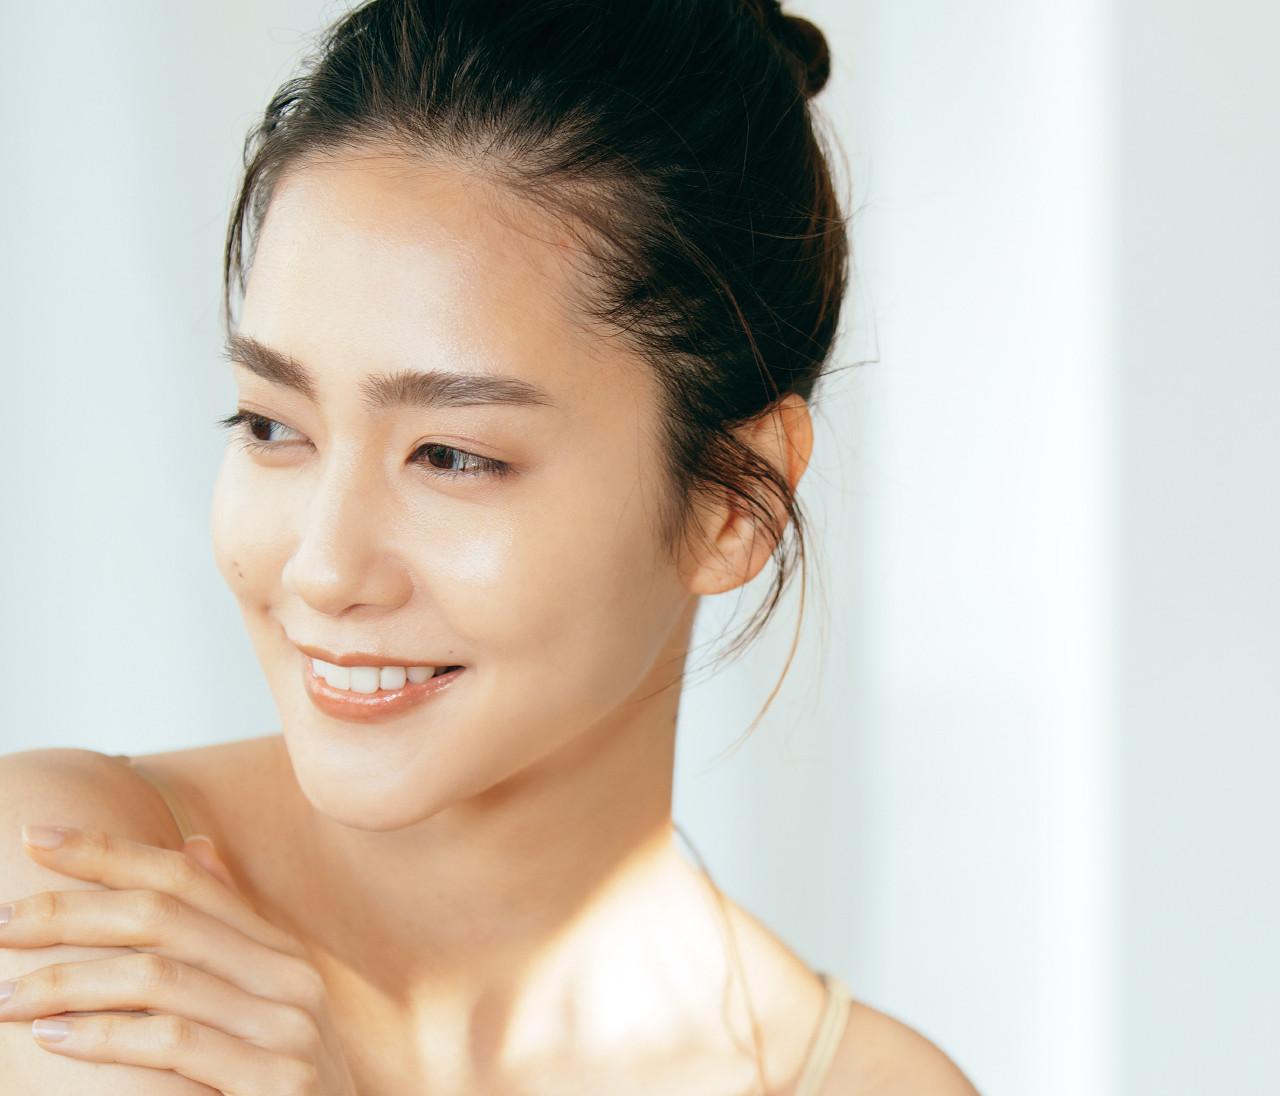 【美容エディター松本千登世さんのオイル美容】30代こそオイル美容を始めるべし。初心者も納得のメリットはコチラ!